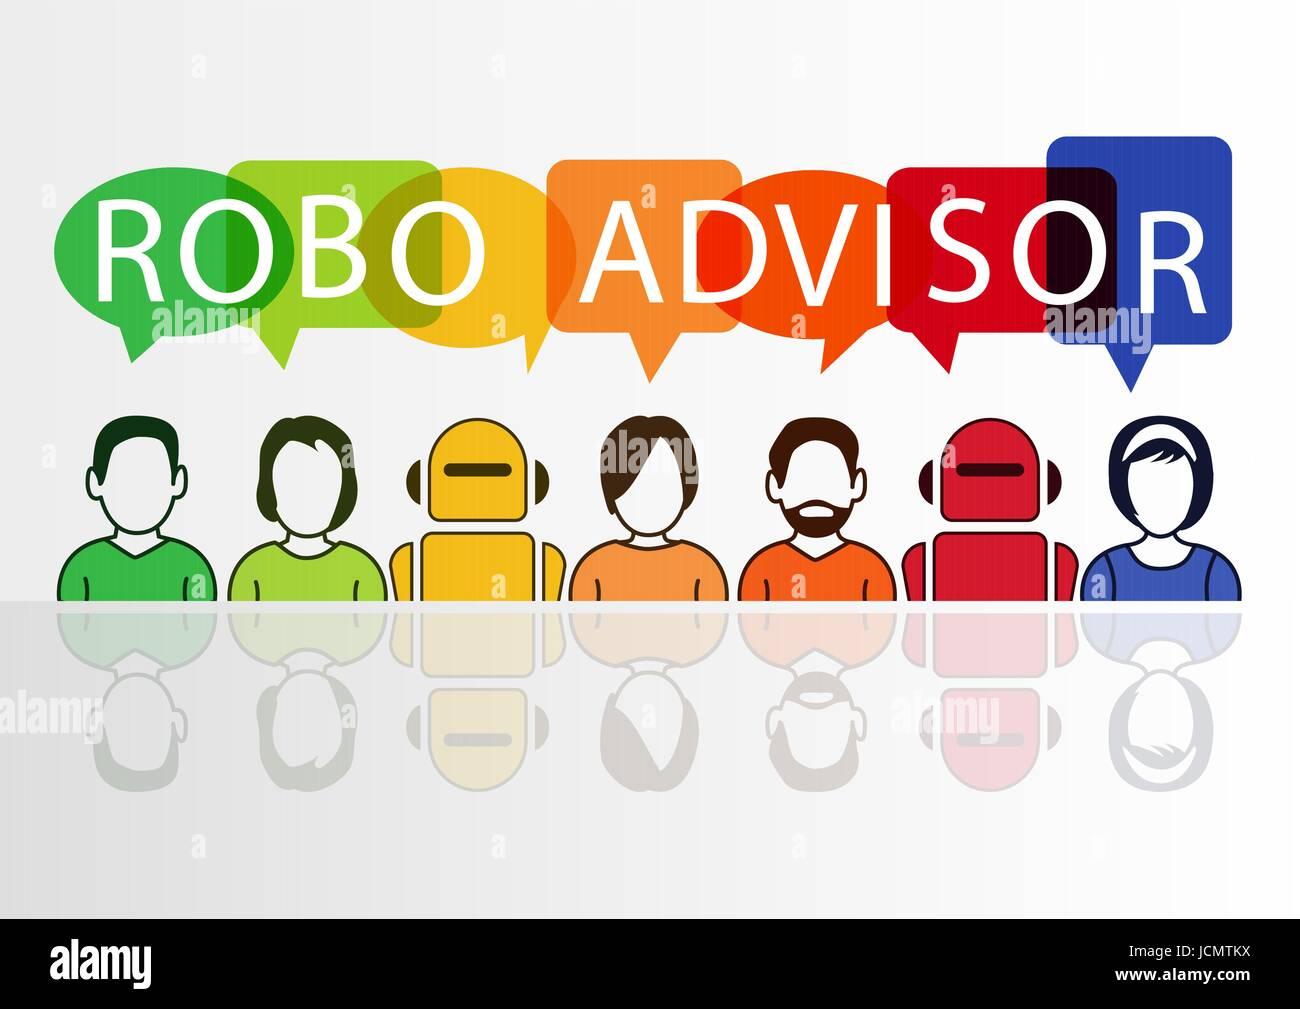 Robo-advisor concetto come illustrazione vettoriale con icone colorate di robot e persone Illustrazione Vettoriale